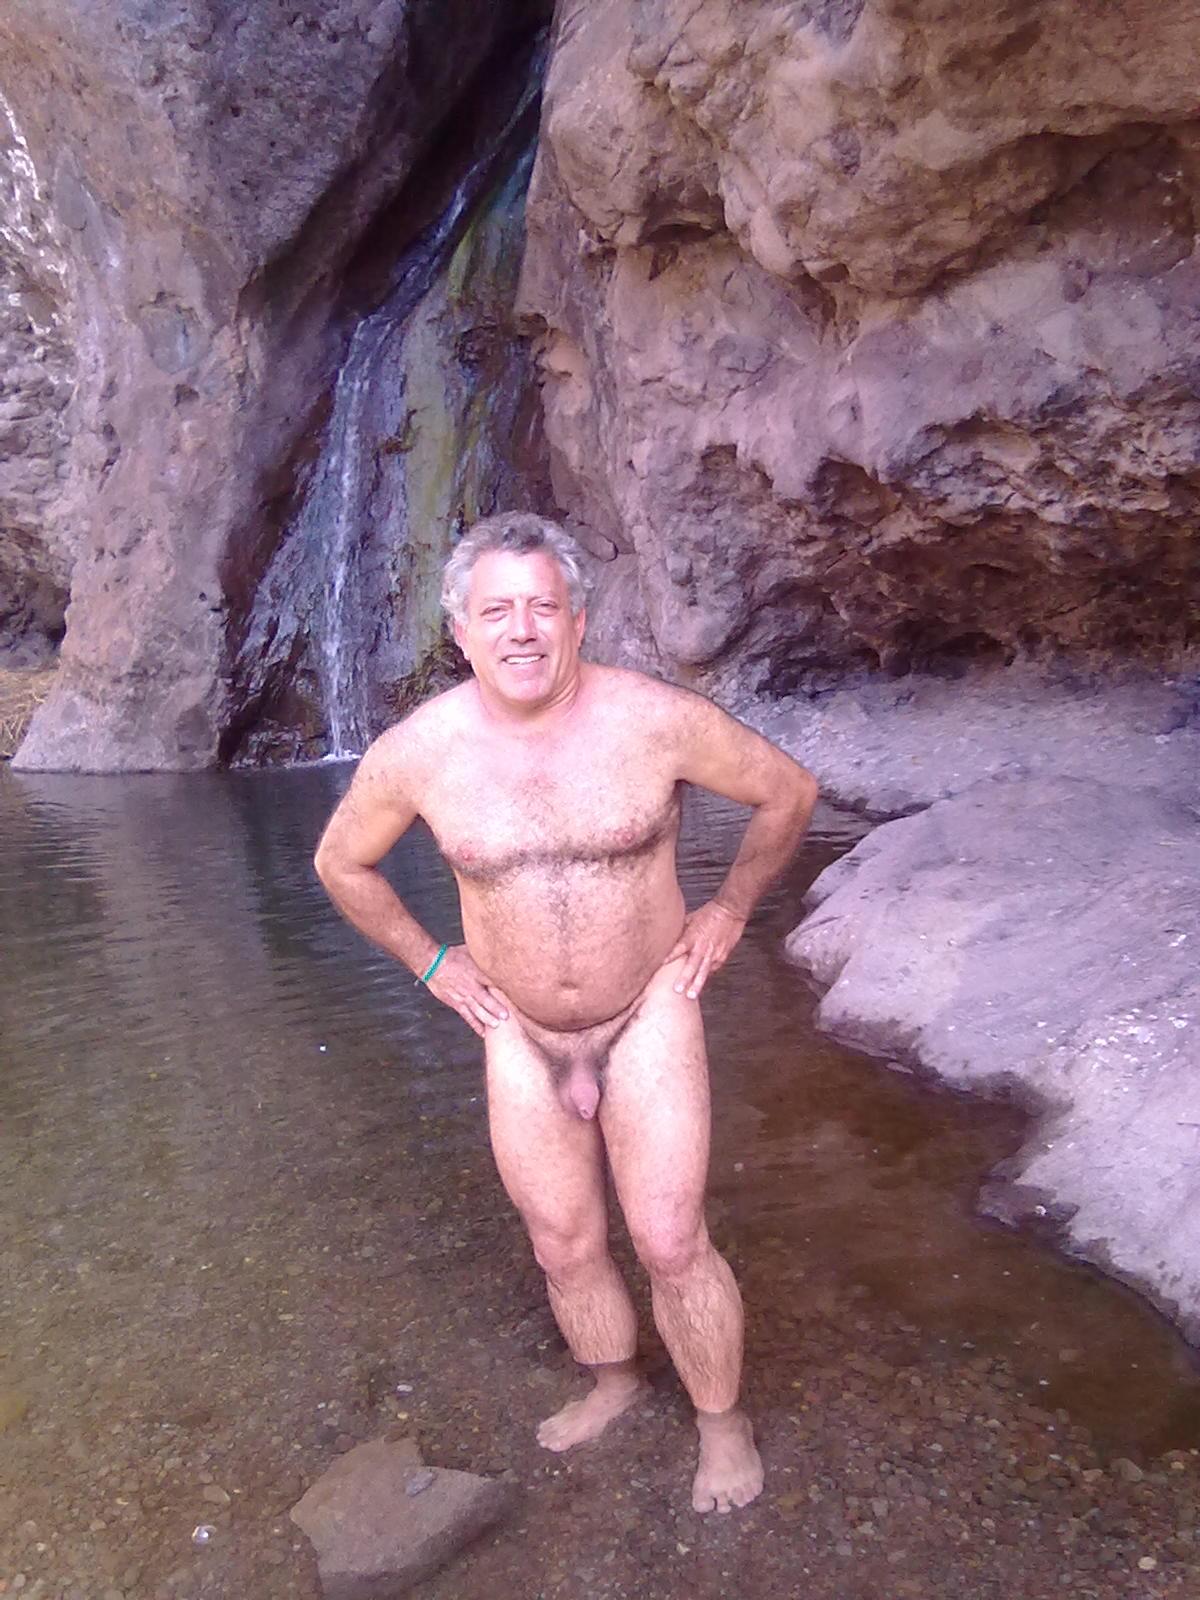 Sitios personales nudistas gratuitos